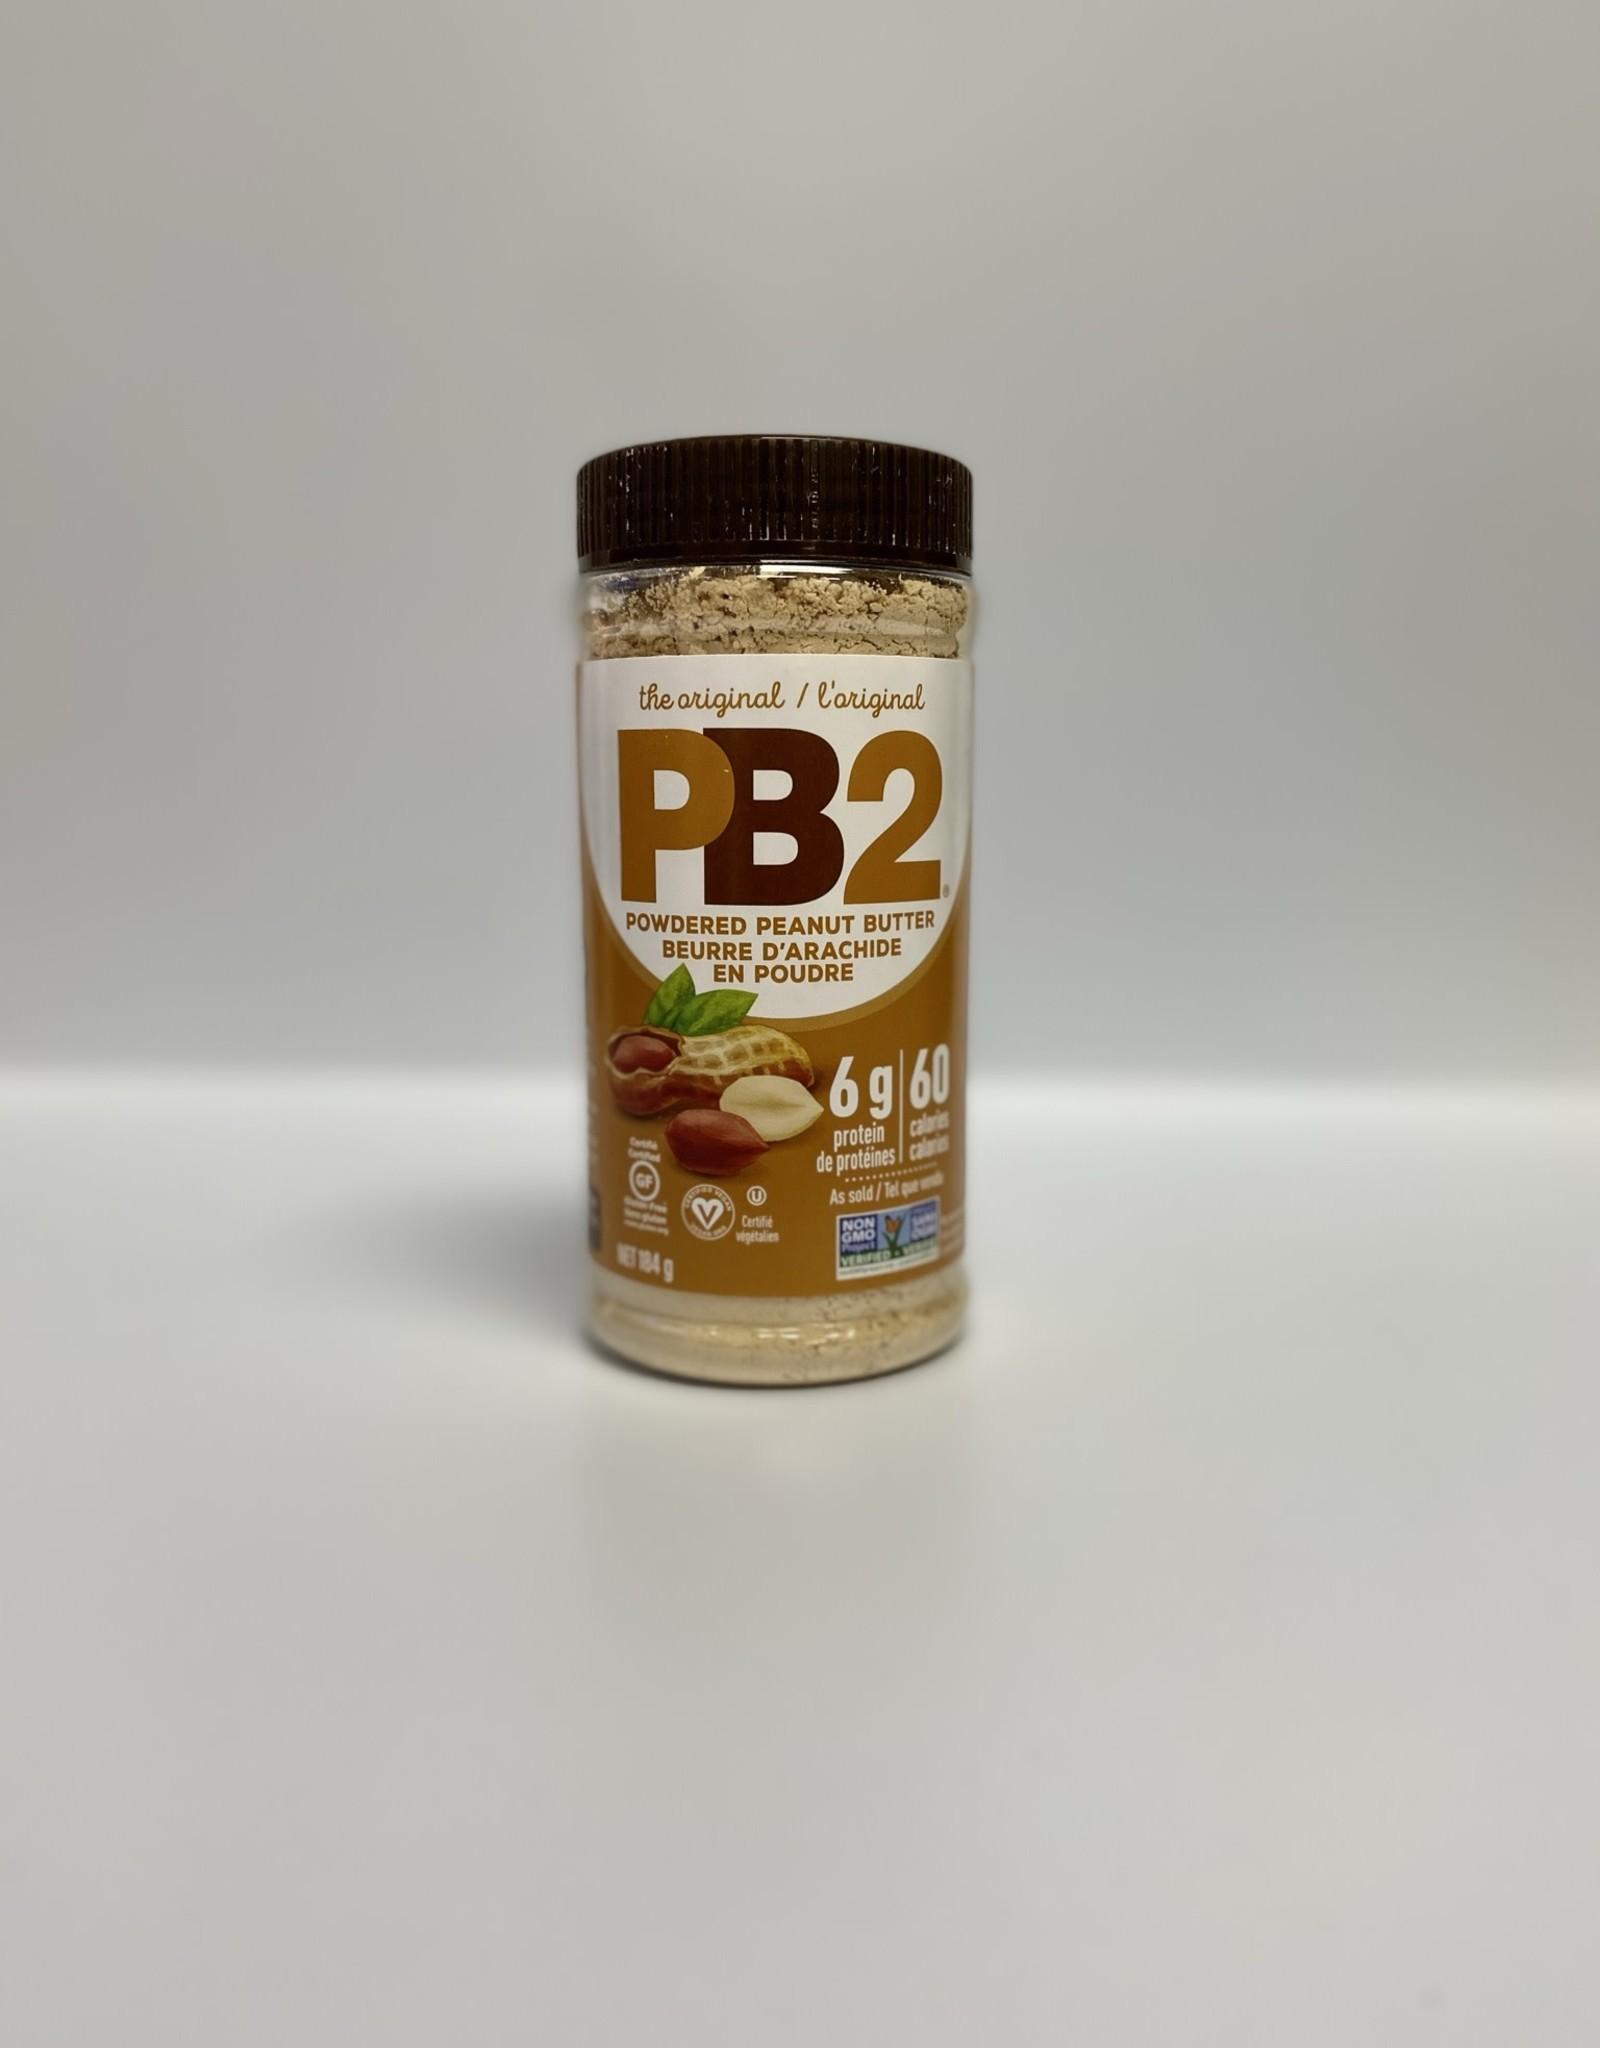 Bell Plantation PB2 Bell Plantation PB2 - Powdered Peanut Butter, Original (184g)